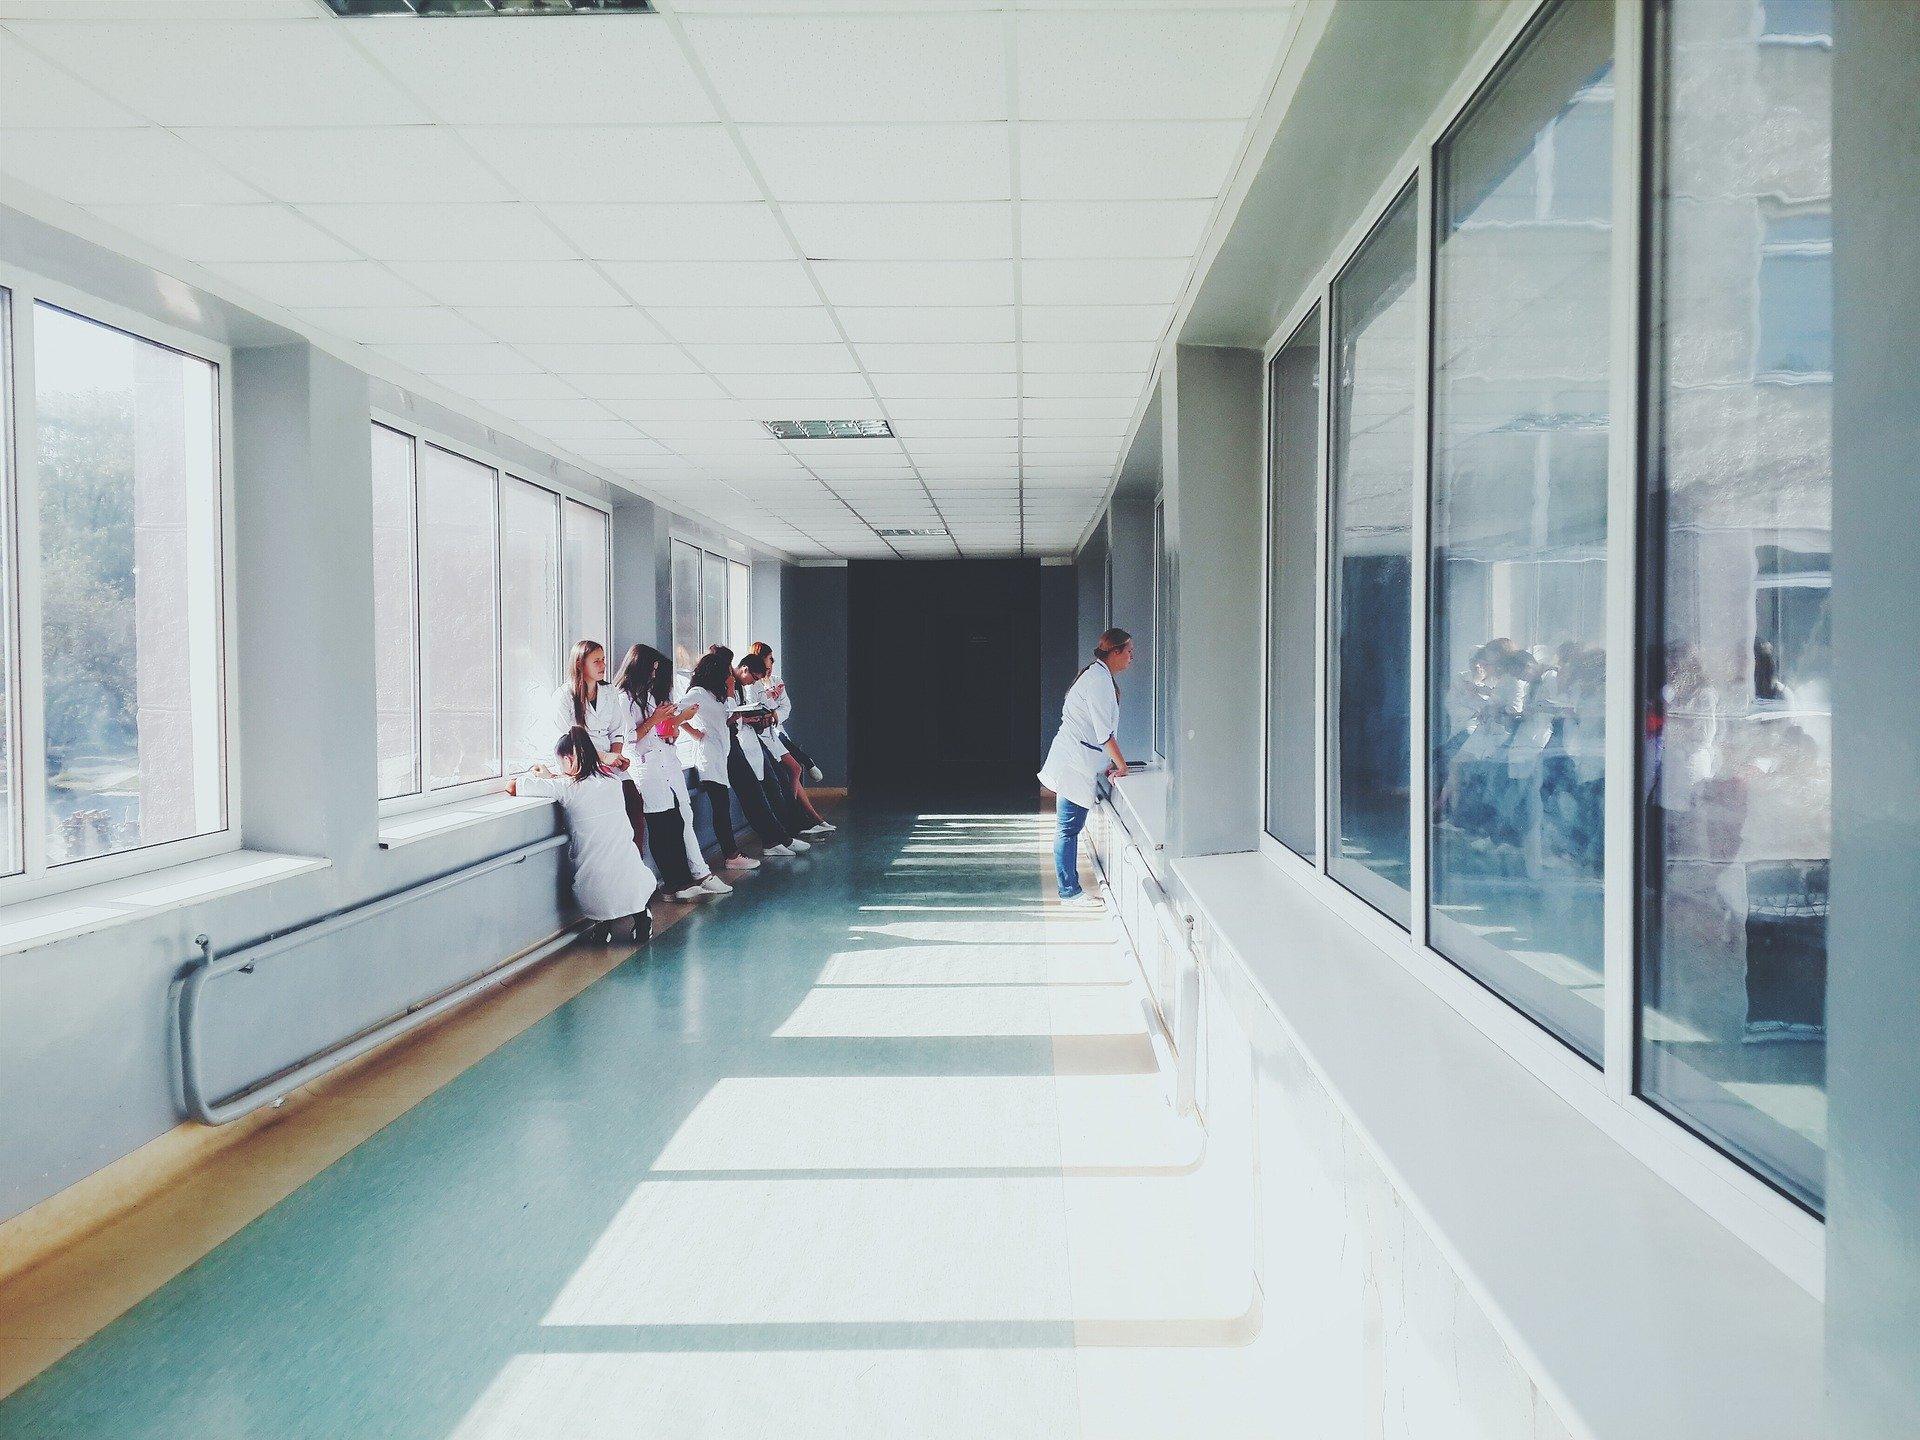 让普通服装也能阻断病菌传播!美国科学家最新发明可有效降低医护人员的交叉感染风险